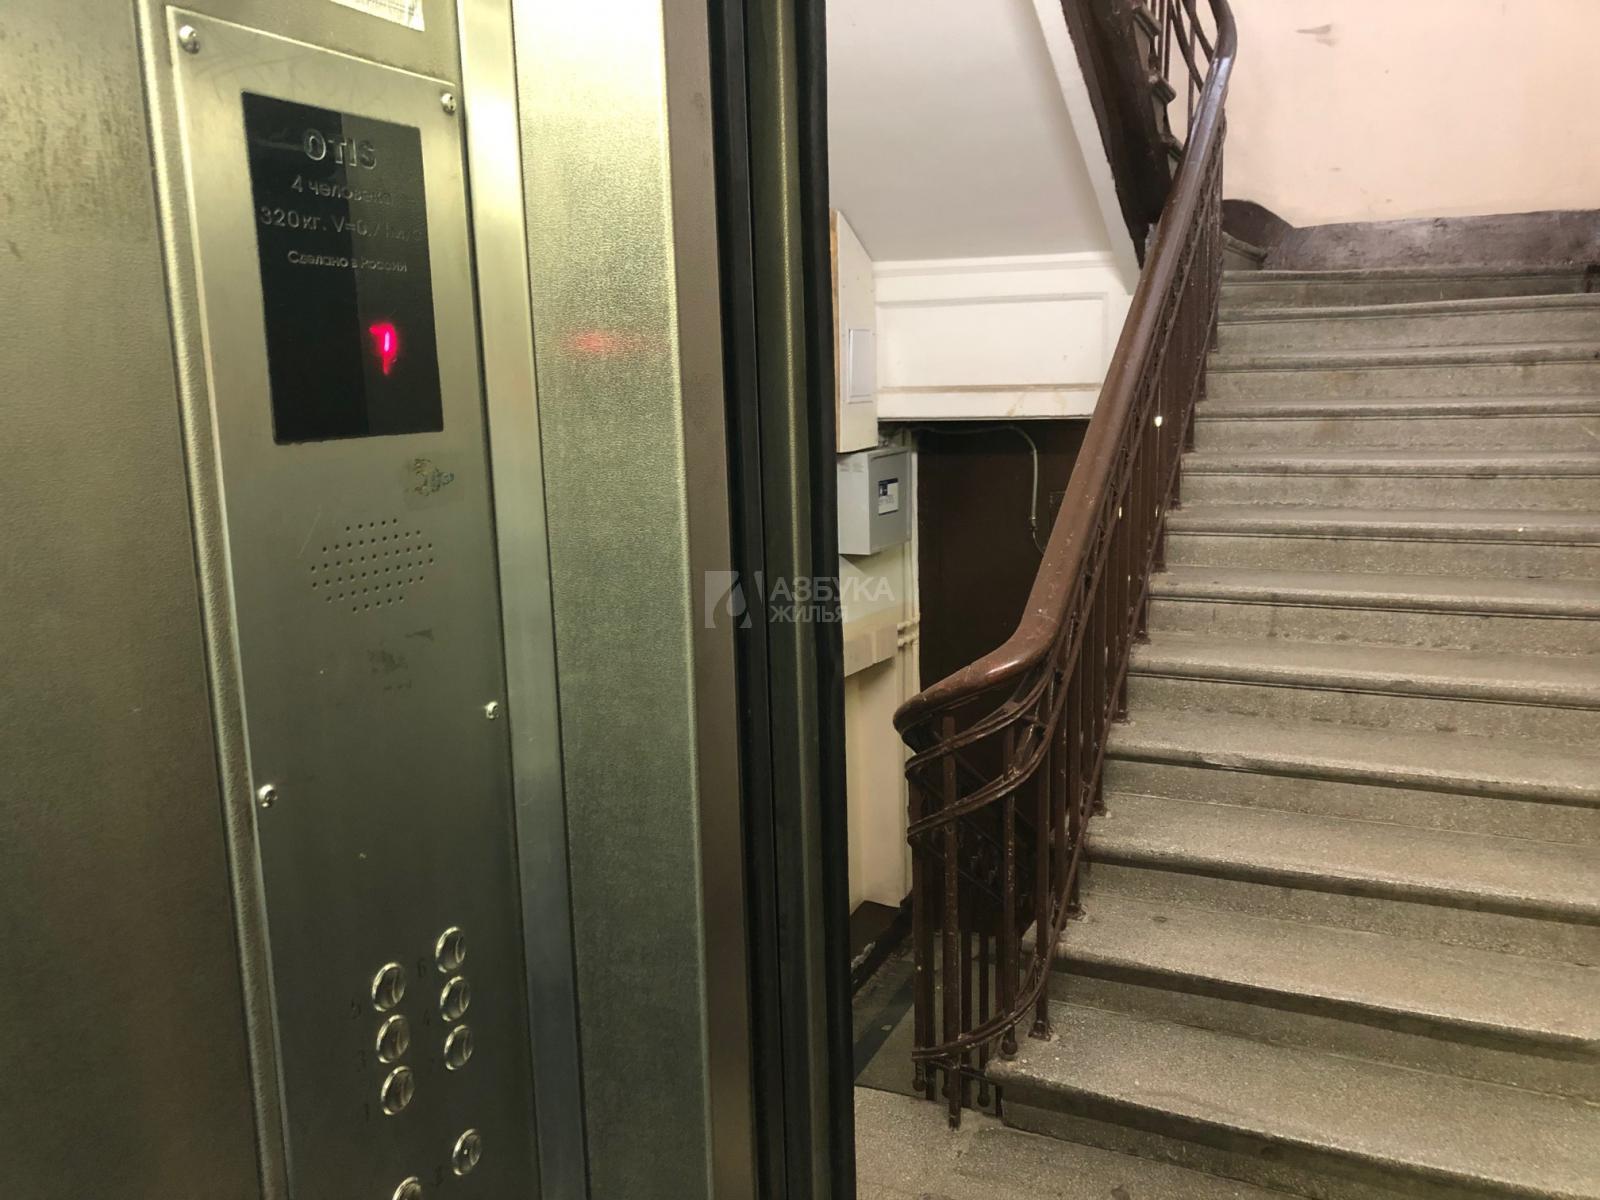 Фото №3 - 7-комнатная квартира, Москва, Николопесковский М. переулок 11 корпус 2 строение 1, метро Смоленская